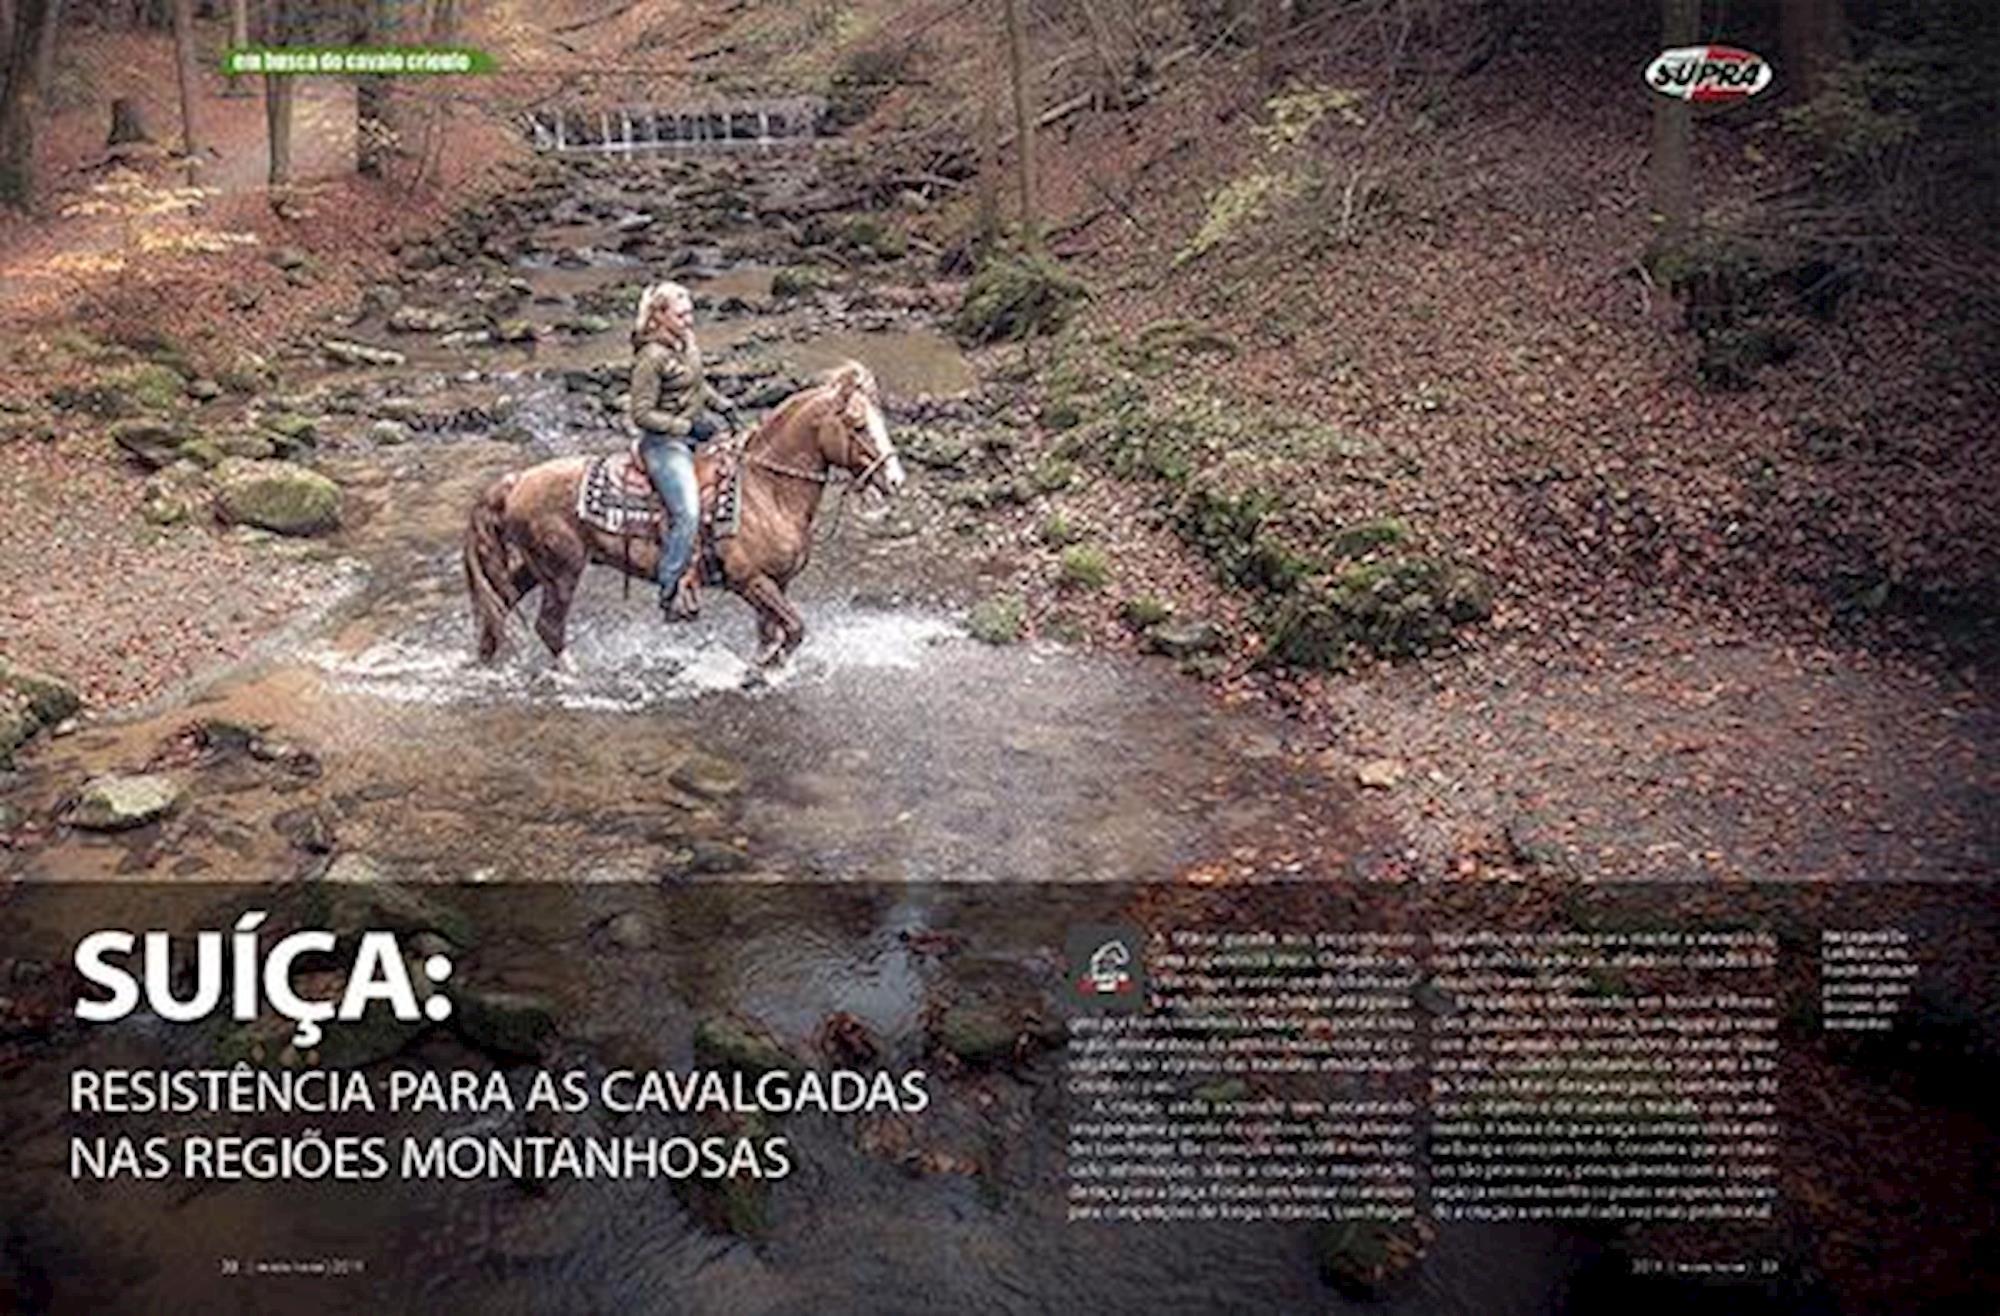 edição 117, Em Busca do Cavalo Crioulo, Fagner Almeida, Horse, Europa, Suiça,